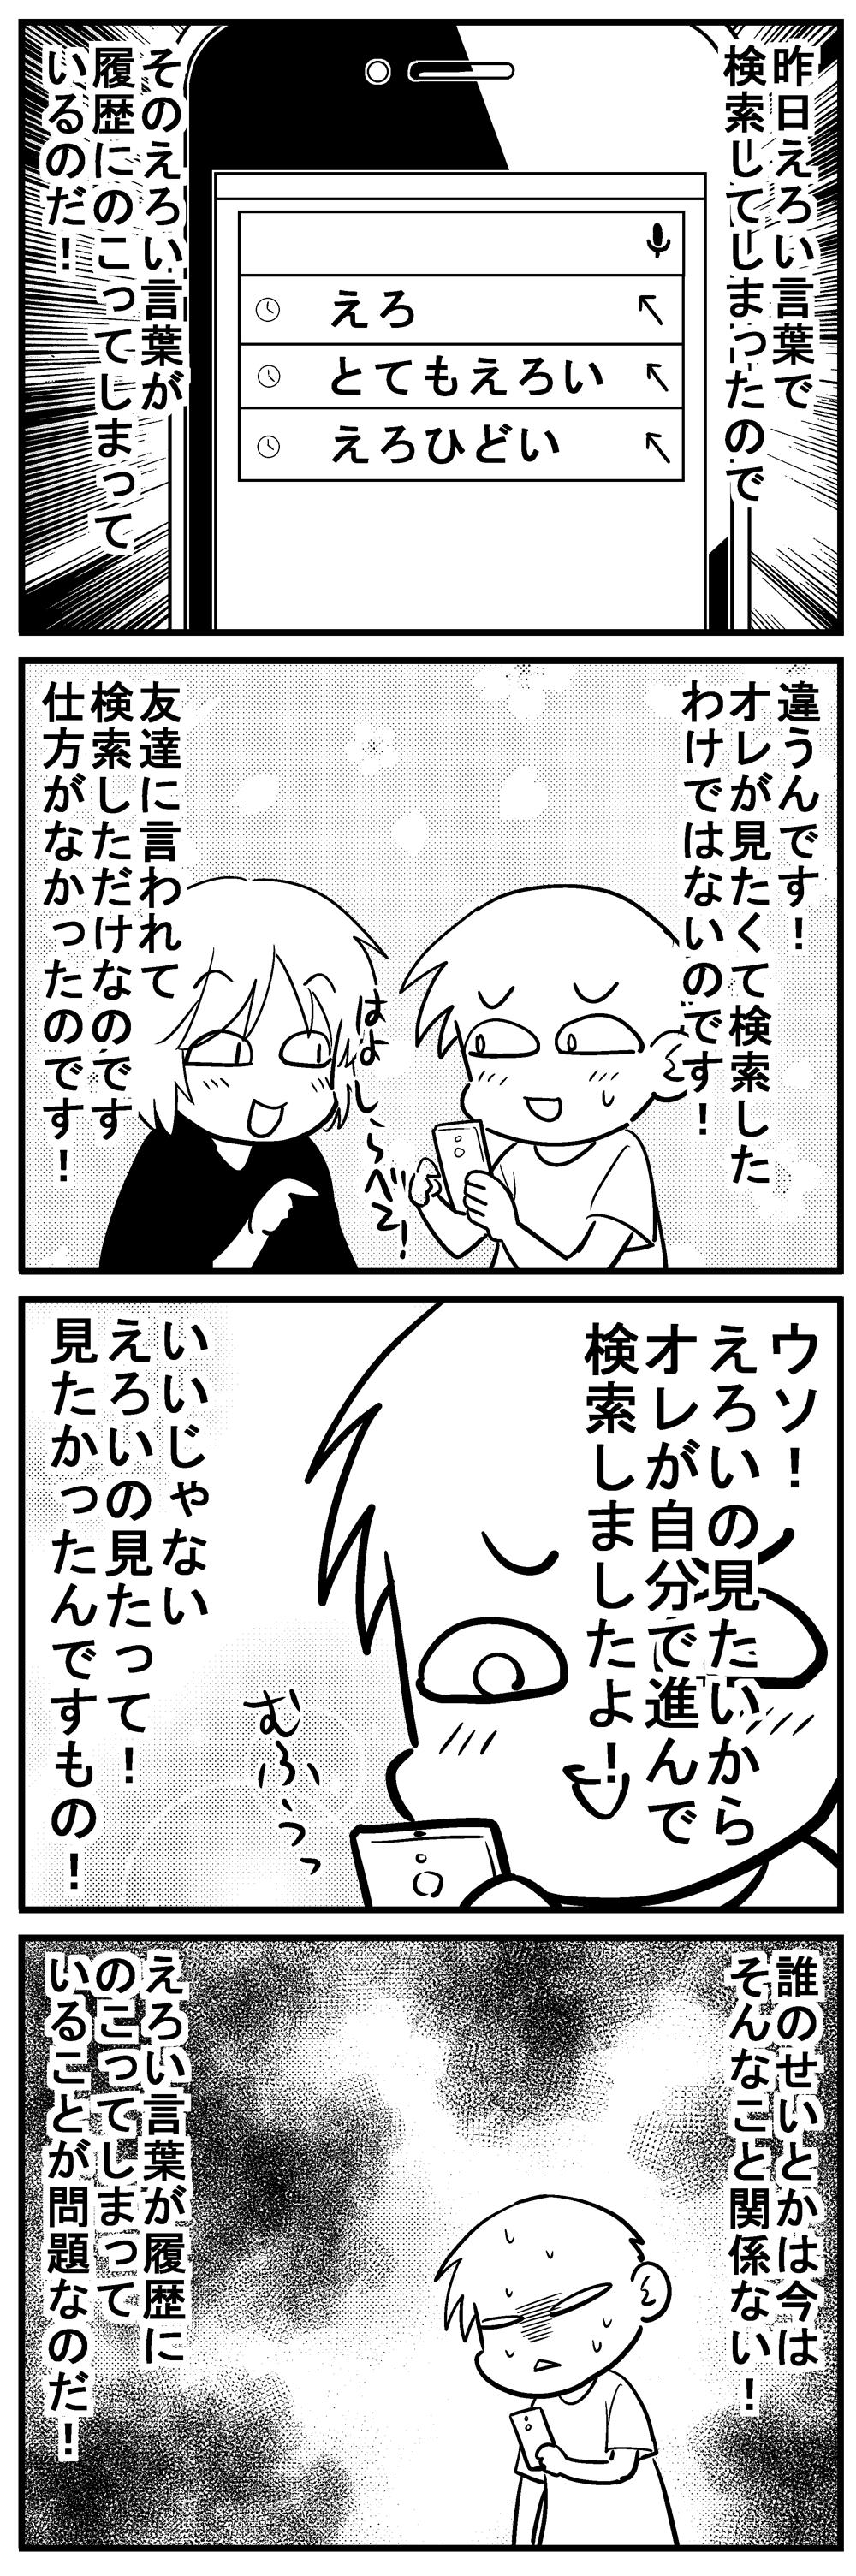 深読みくん59 2